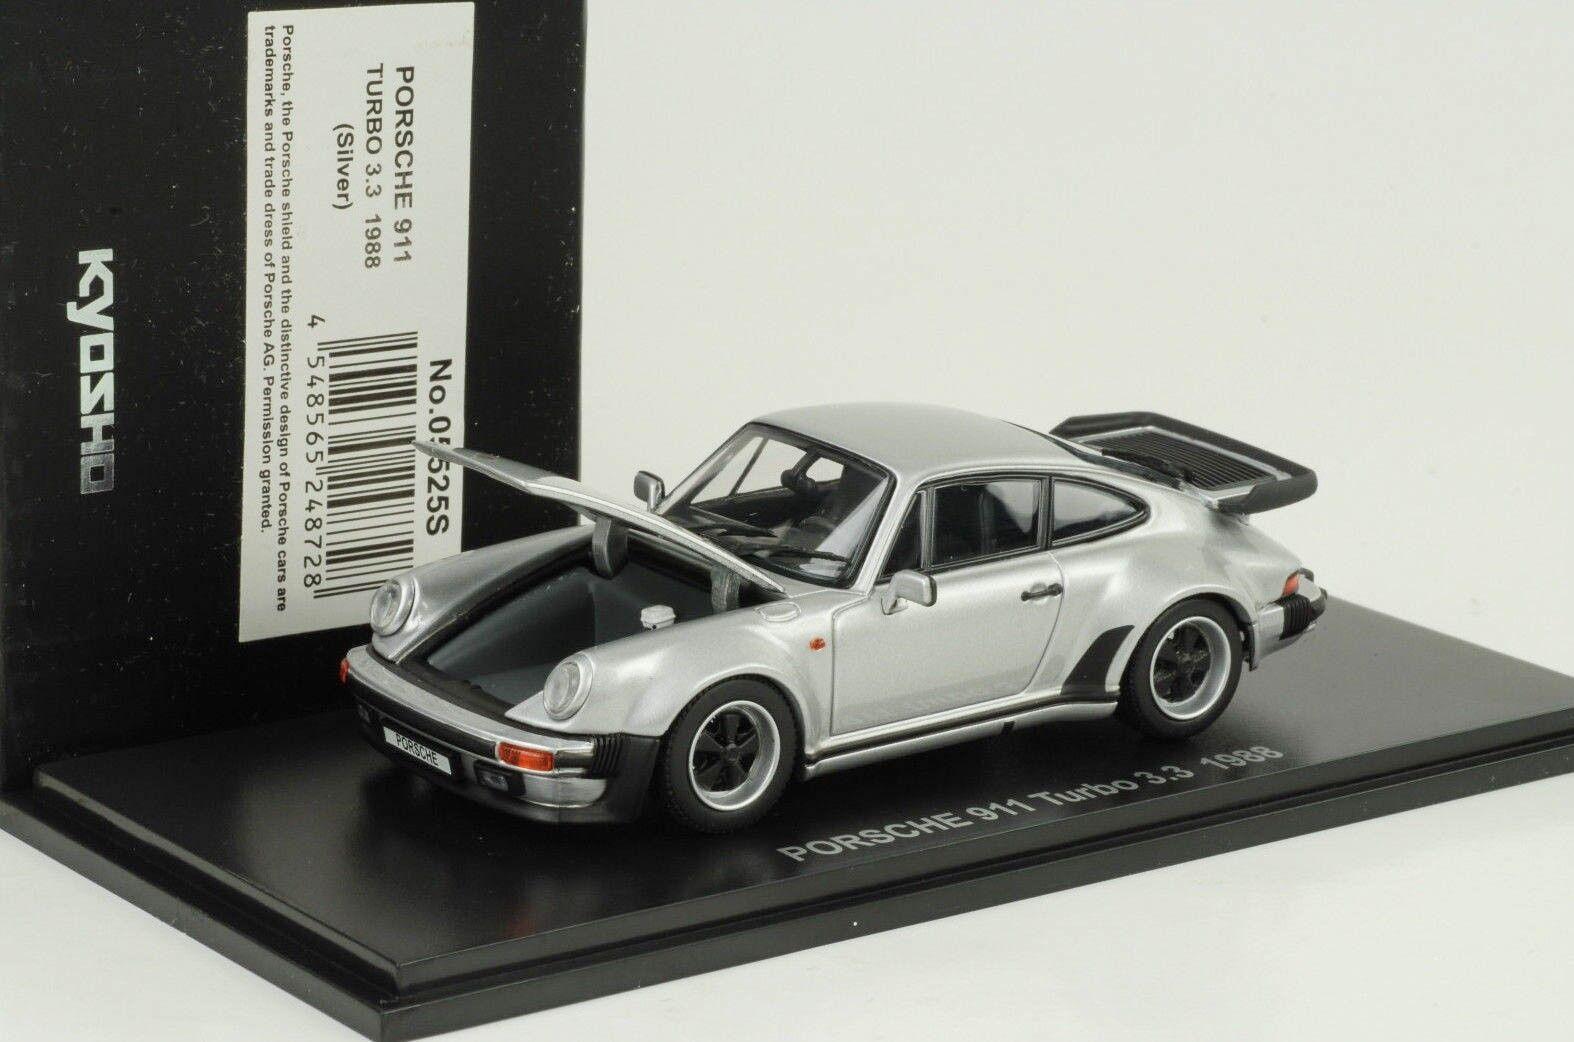 1988 PORSCHE 911 930 Turbo 3.3 Openable Bonnet Rear Lid argent 1 43 Kyosho